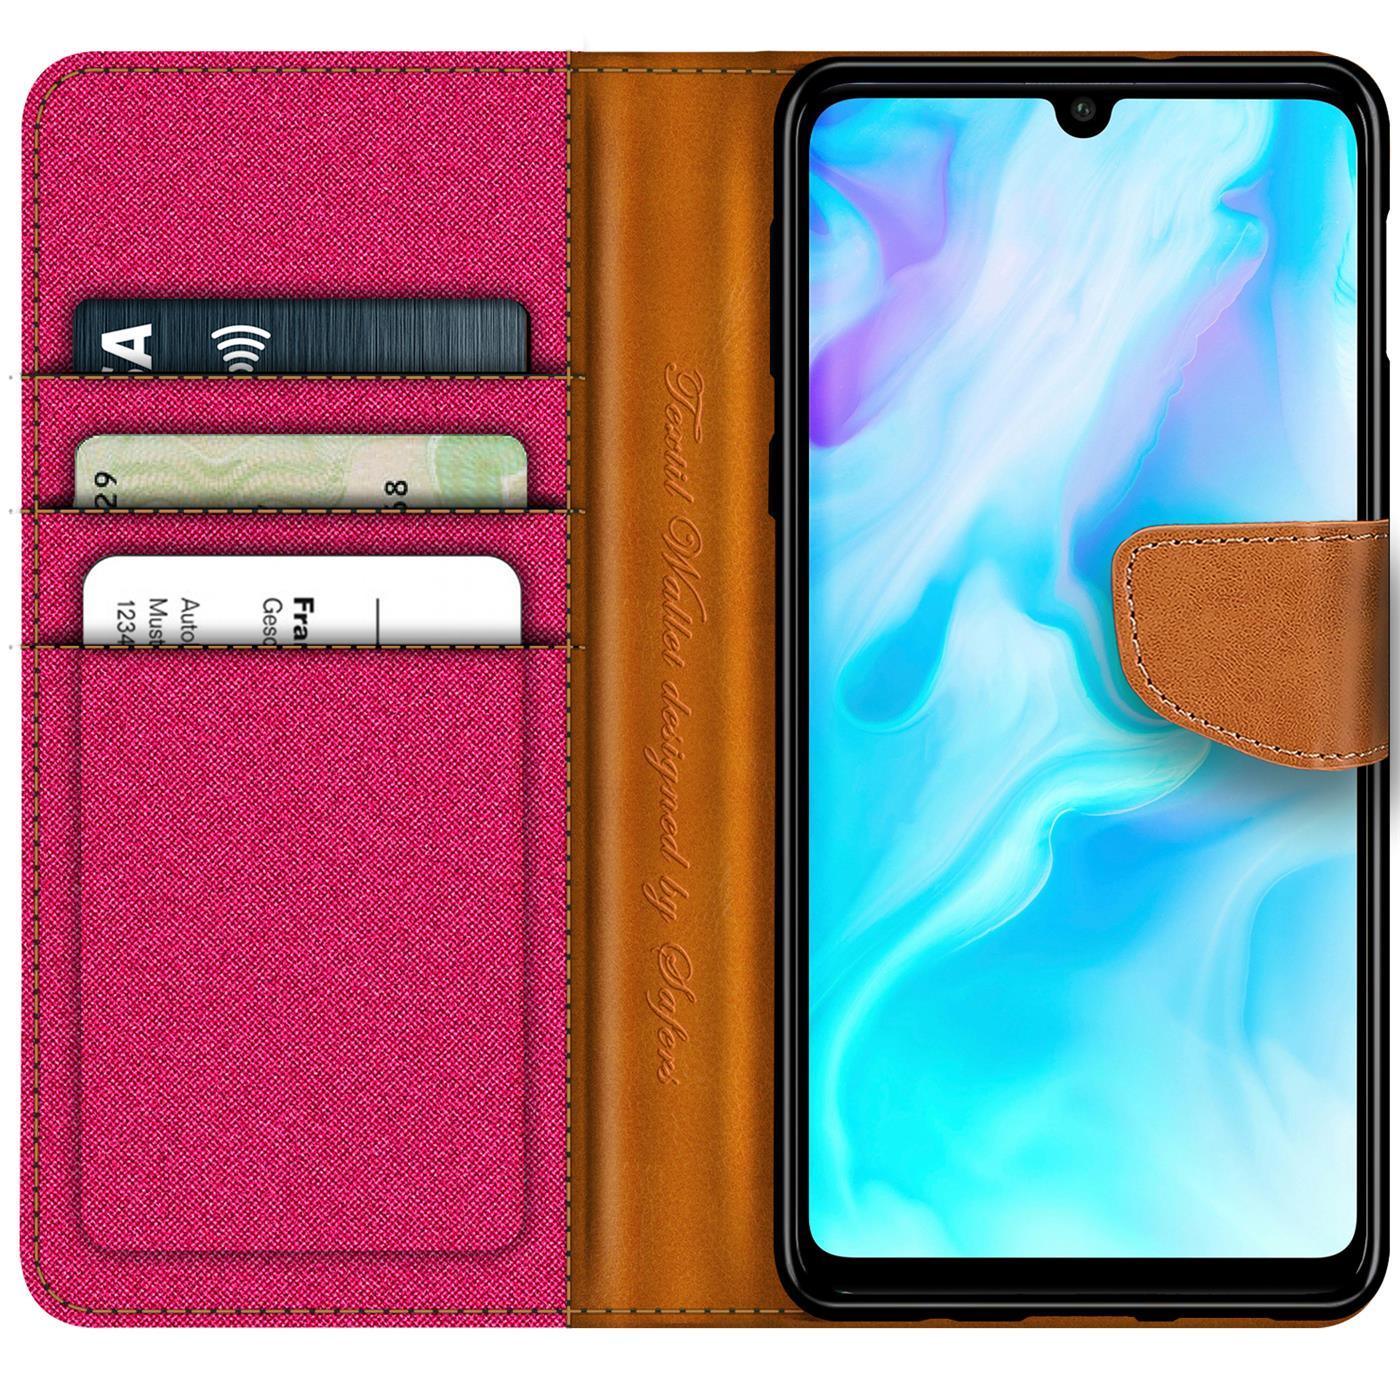 Schutzhuelle-Handy-Huelle-Flip-Case-Klapp-Tasche-Book-Case-Cover-Handyhuelle-Etui Indexbild 32